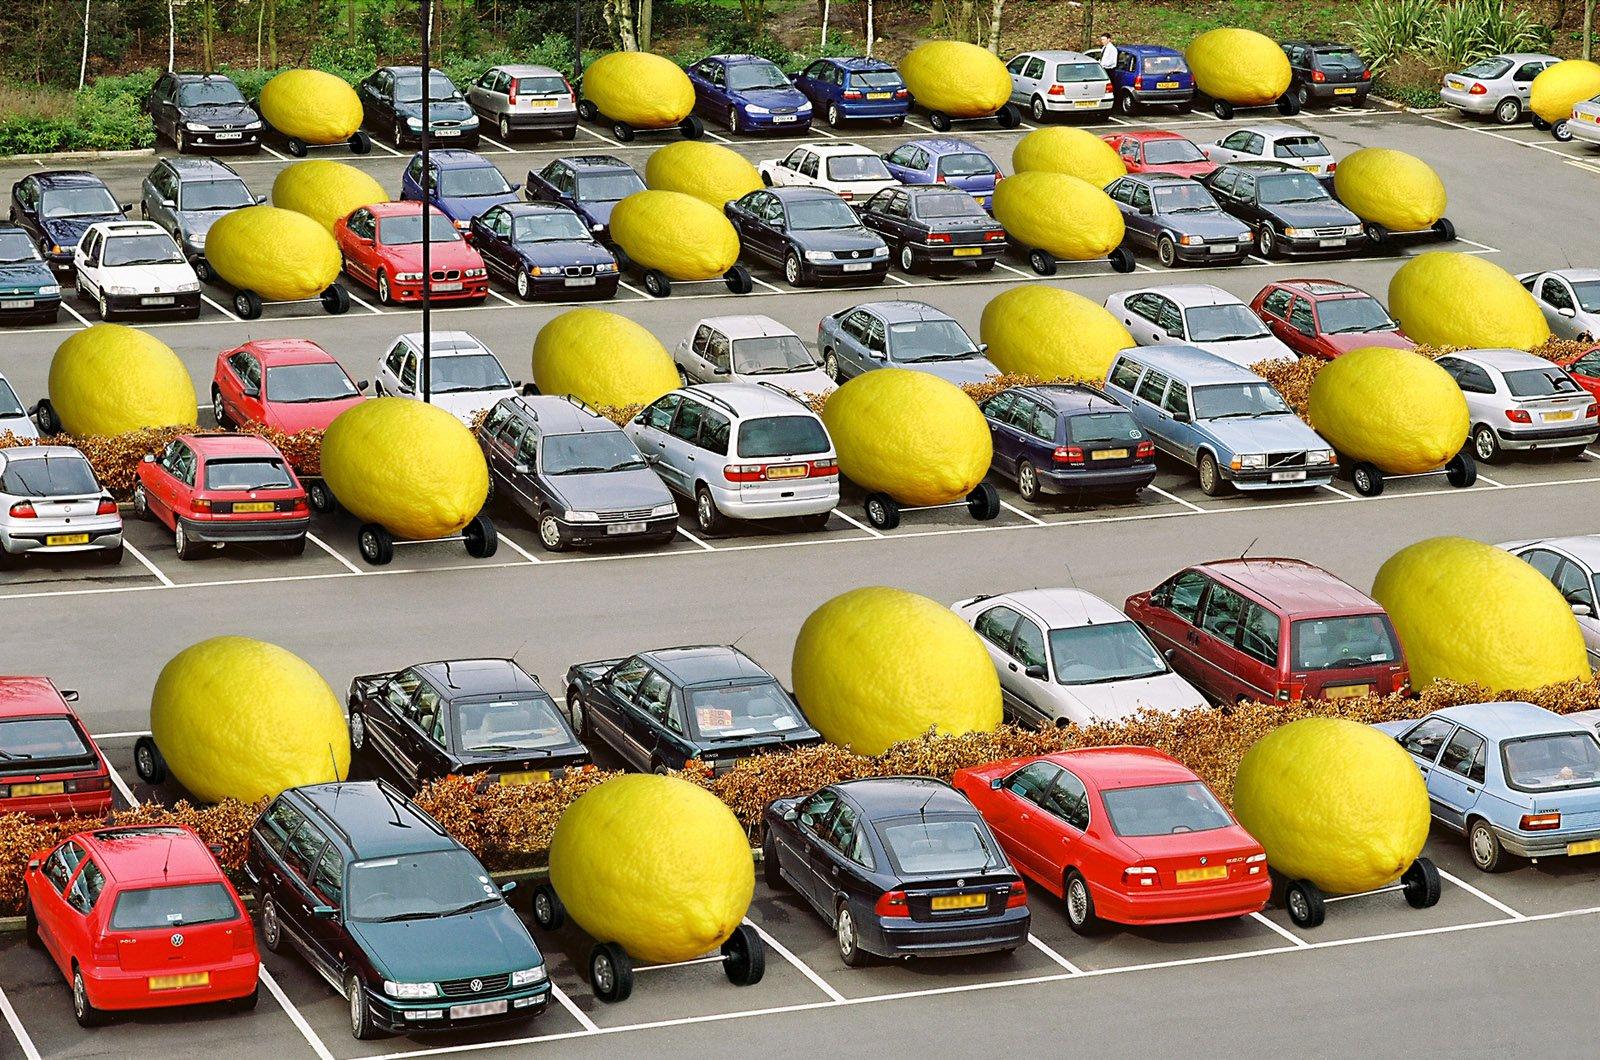 Used car lemons